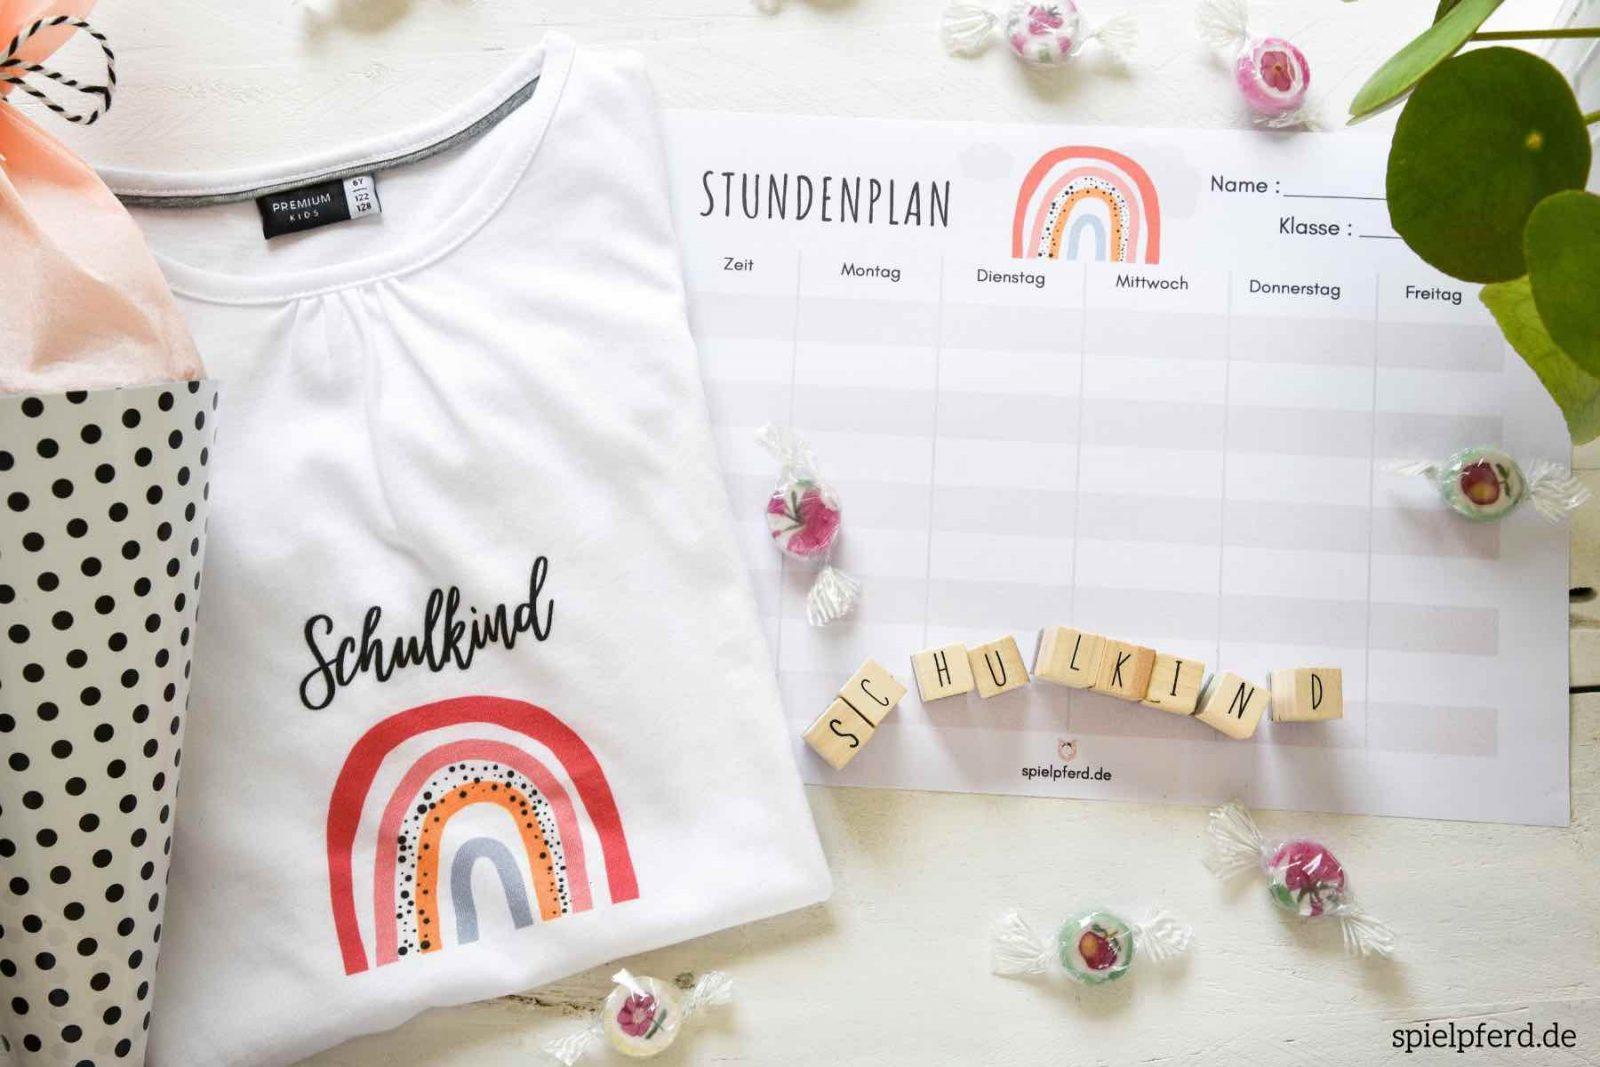 Schulkind Shirt und weitere Regenbogen Geschenke zur Einschulung und eine Regenbogen-Stundenplan-Vorlage kostenlos zum Ausdrucken.